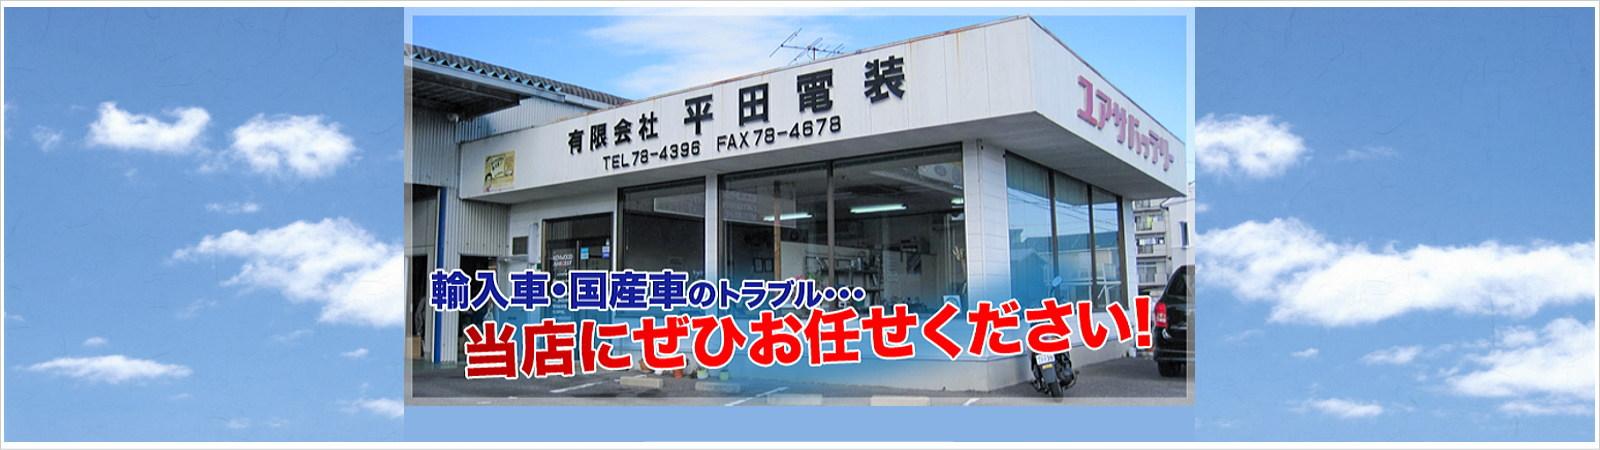 有限会社平田電装|三重県鈴鹿市の外国車・国産車・電気専門店・修理取付